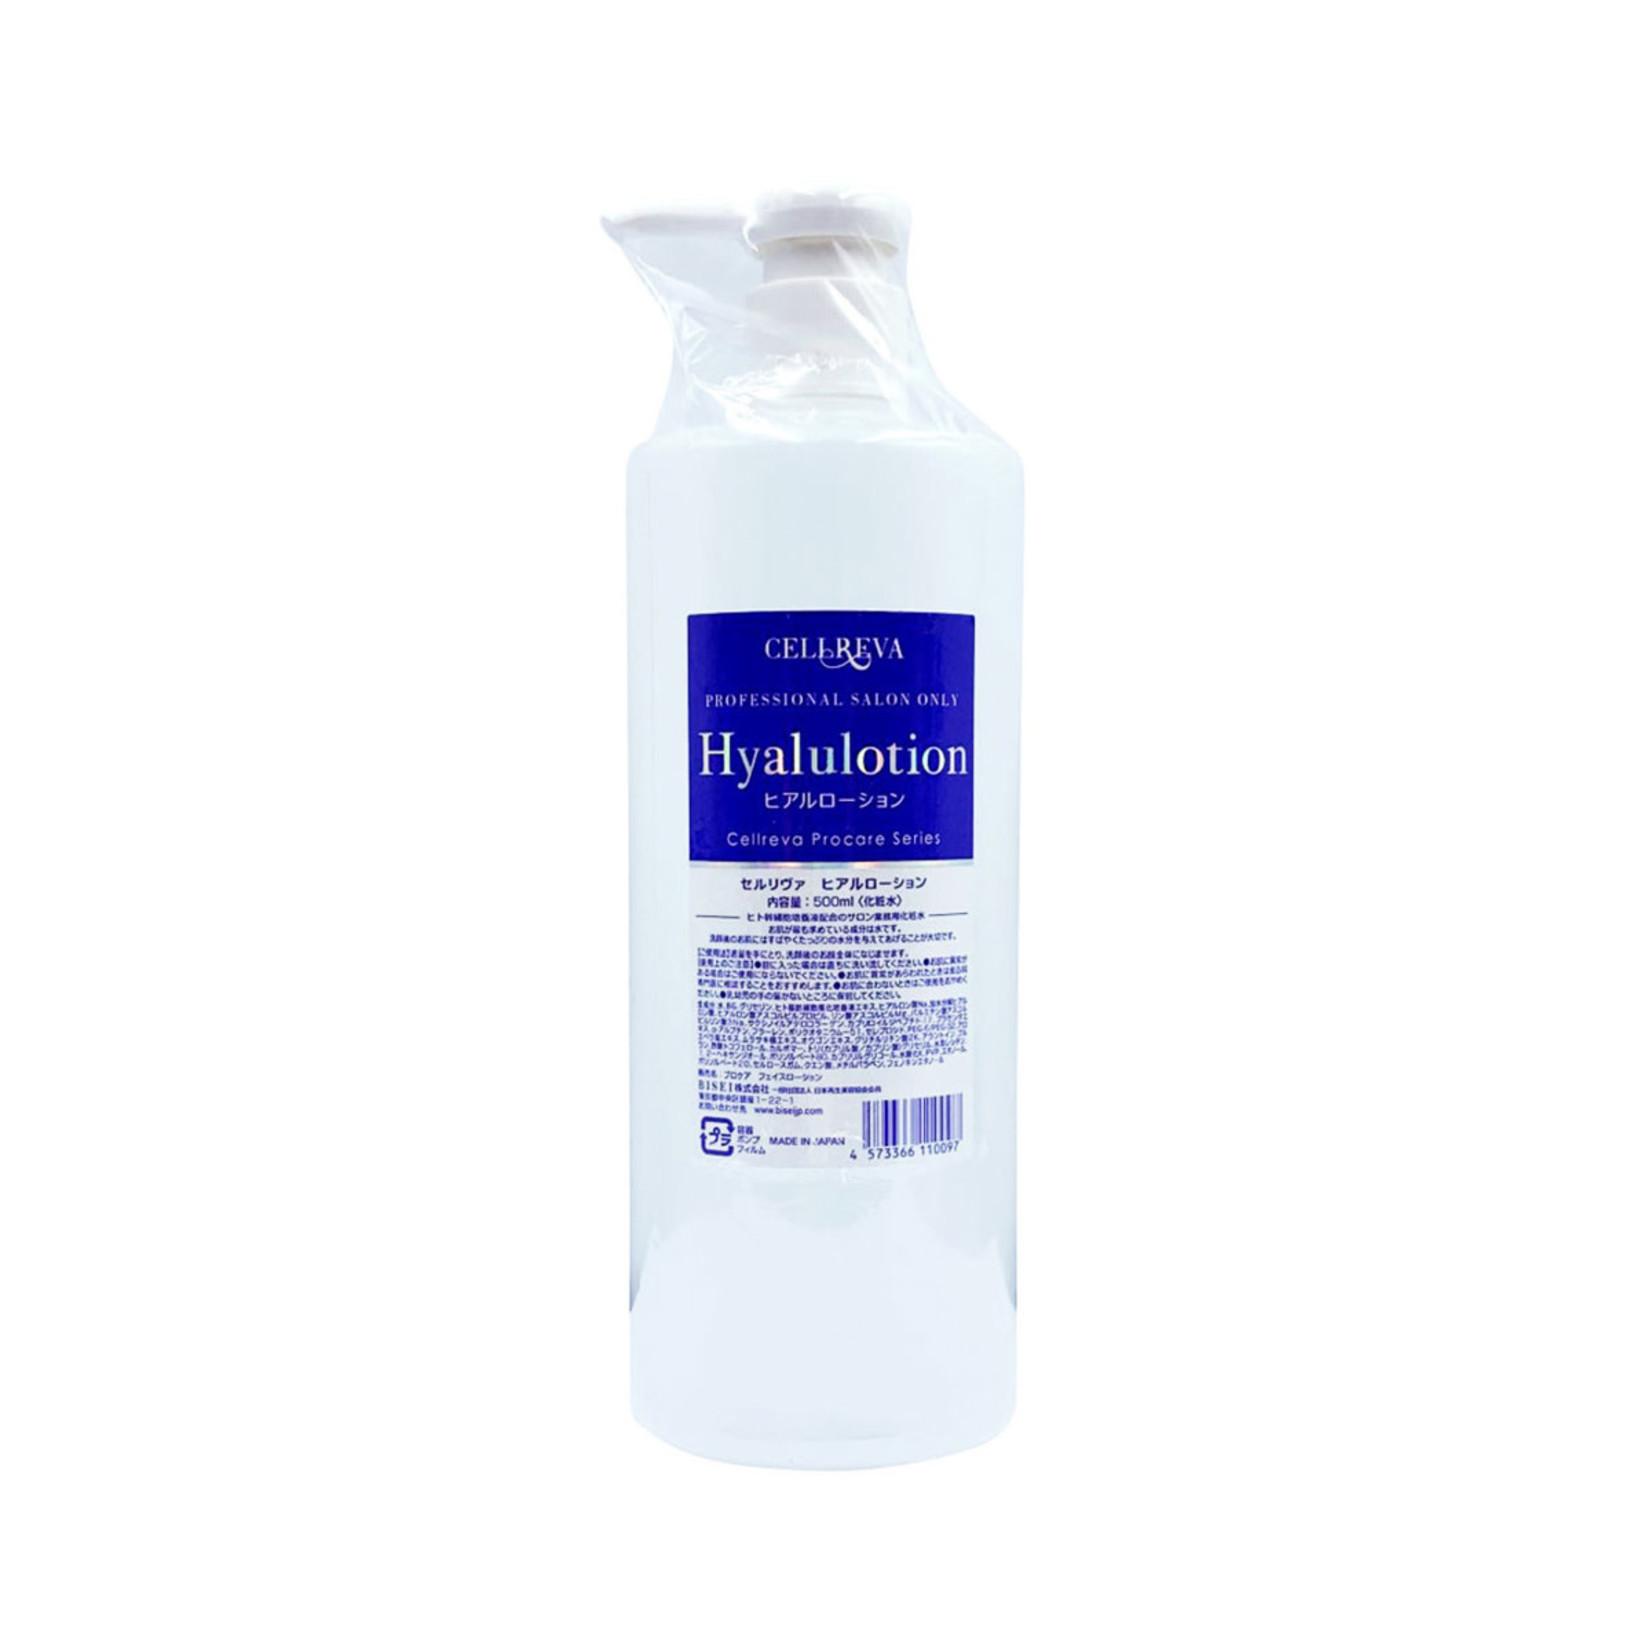 Cellreva Cellreva Professional Hyalulotion Toning Lotoin 500ml